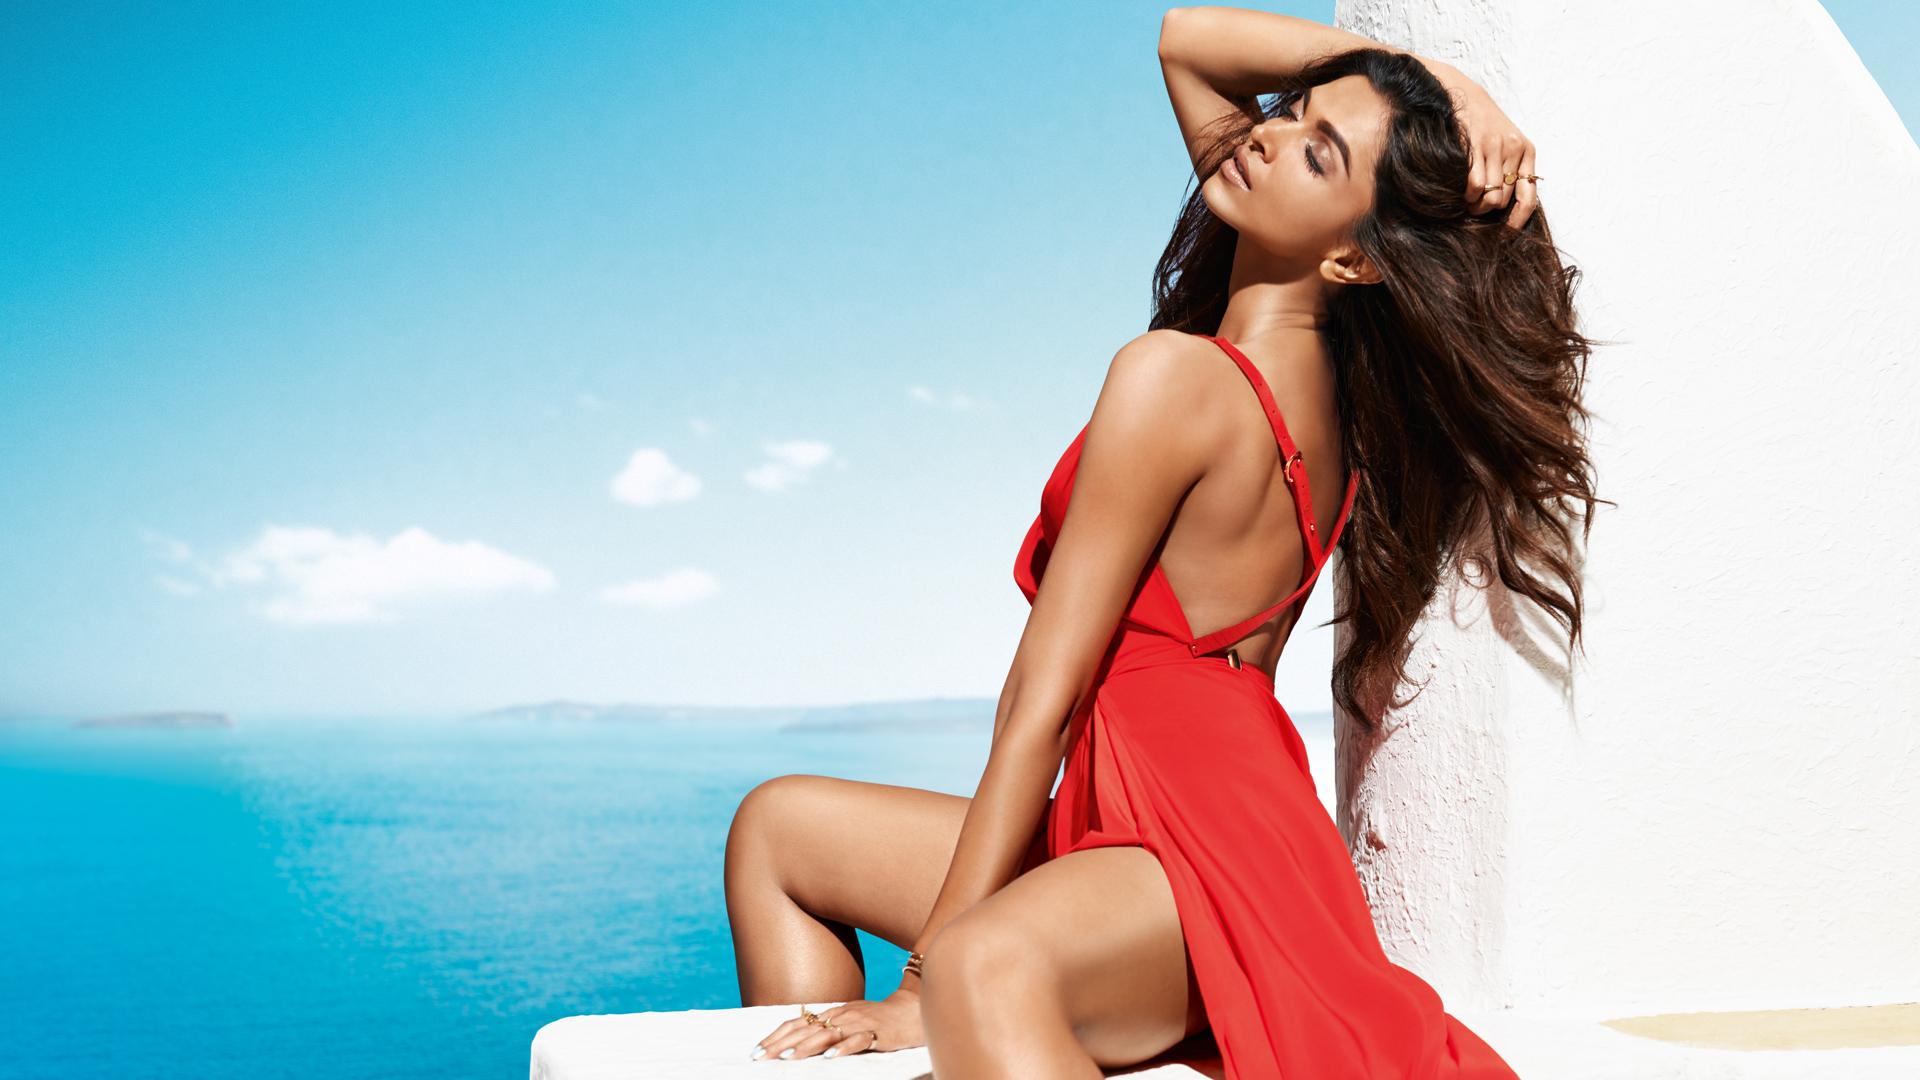 Deepika Padukone Vogue 2016: Deepika Padukone Vogue 2016, HD Indian Celebrities, 4k